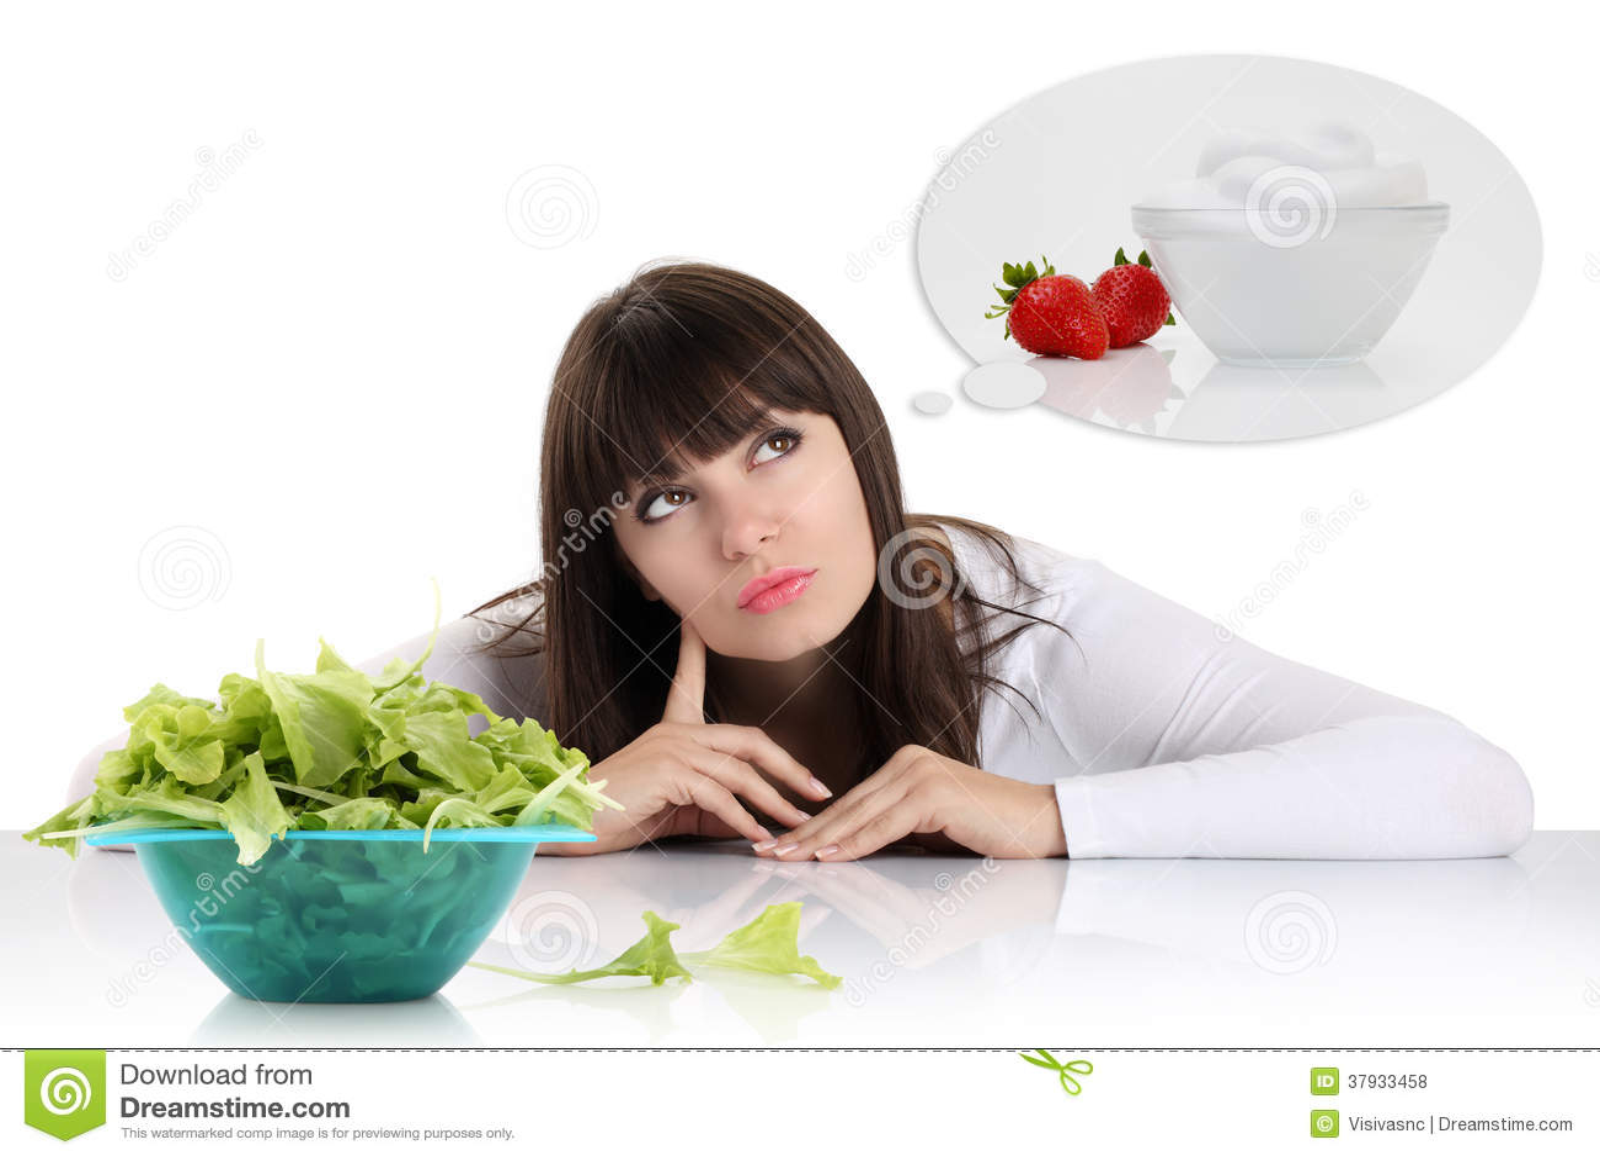 Banta, den unga kvinnan som väljer mellan frukter, och sötsaker. väga los